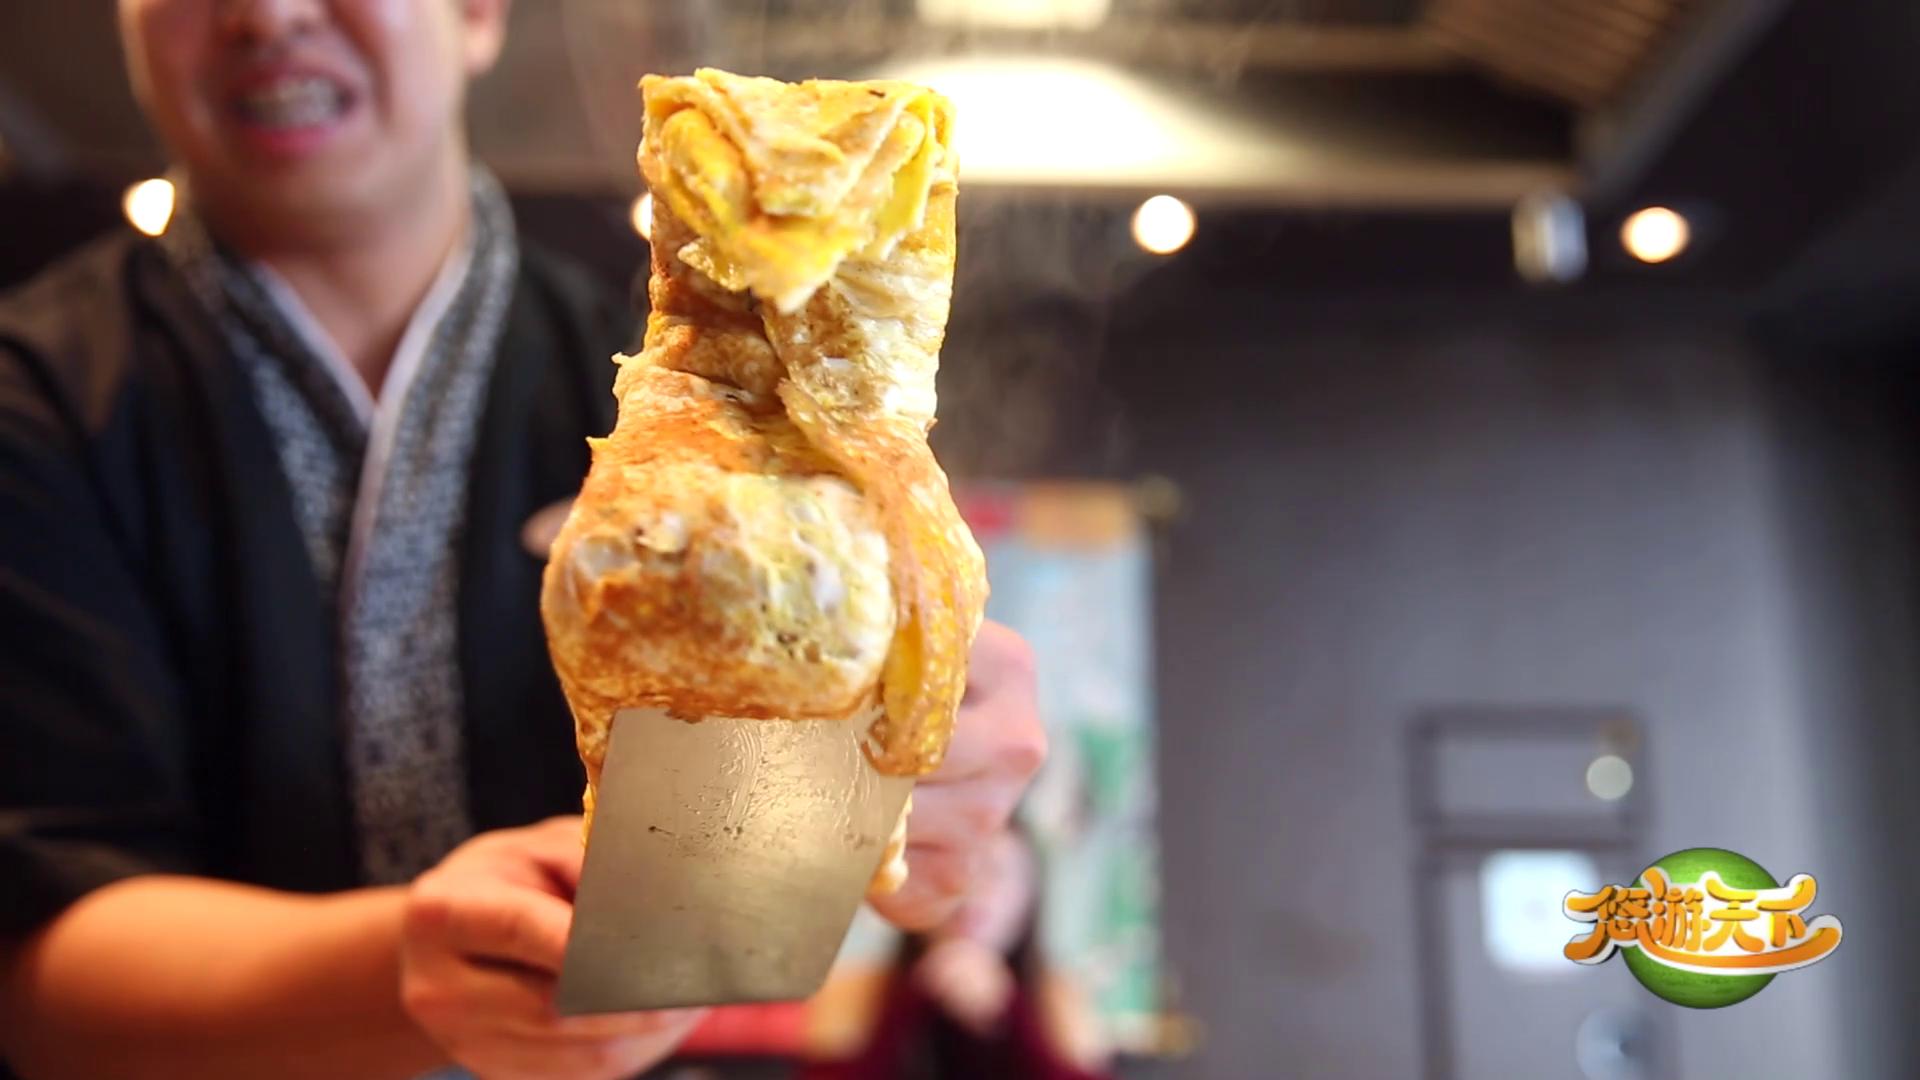 梦邮轮云顶梦号的海马日本料理,铁板烧的主厨不仅做的一手好菜